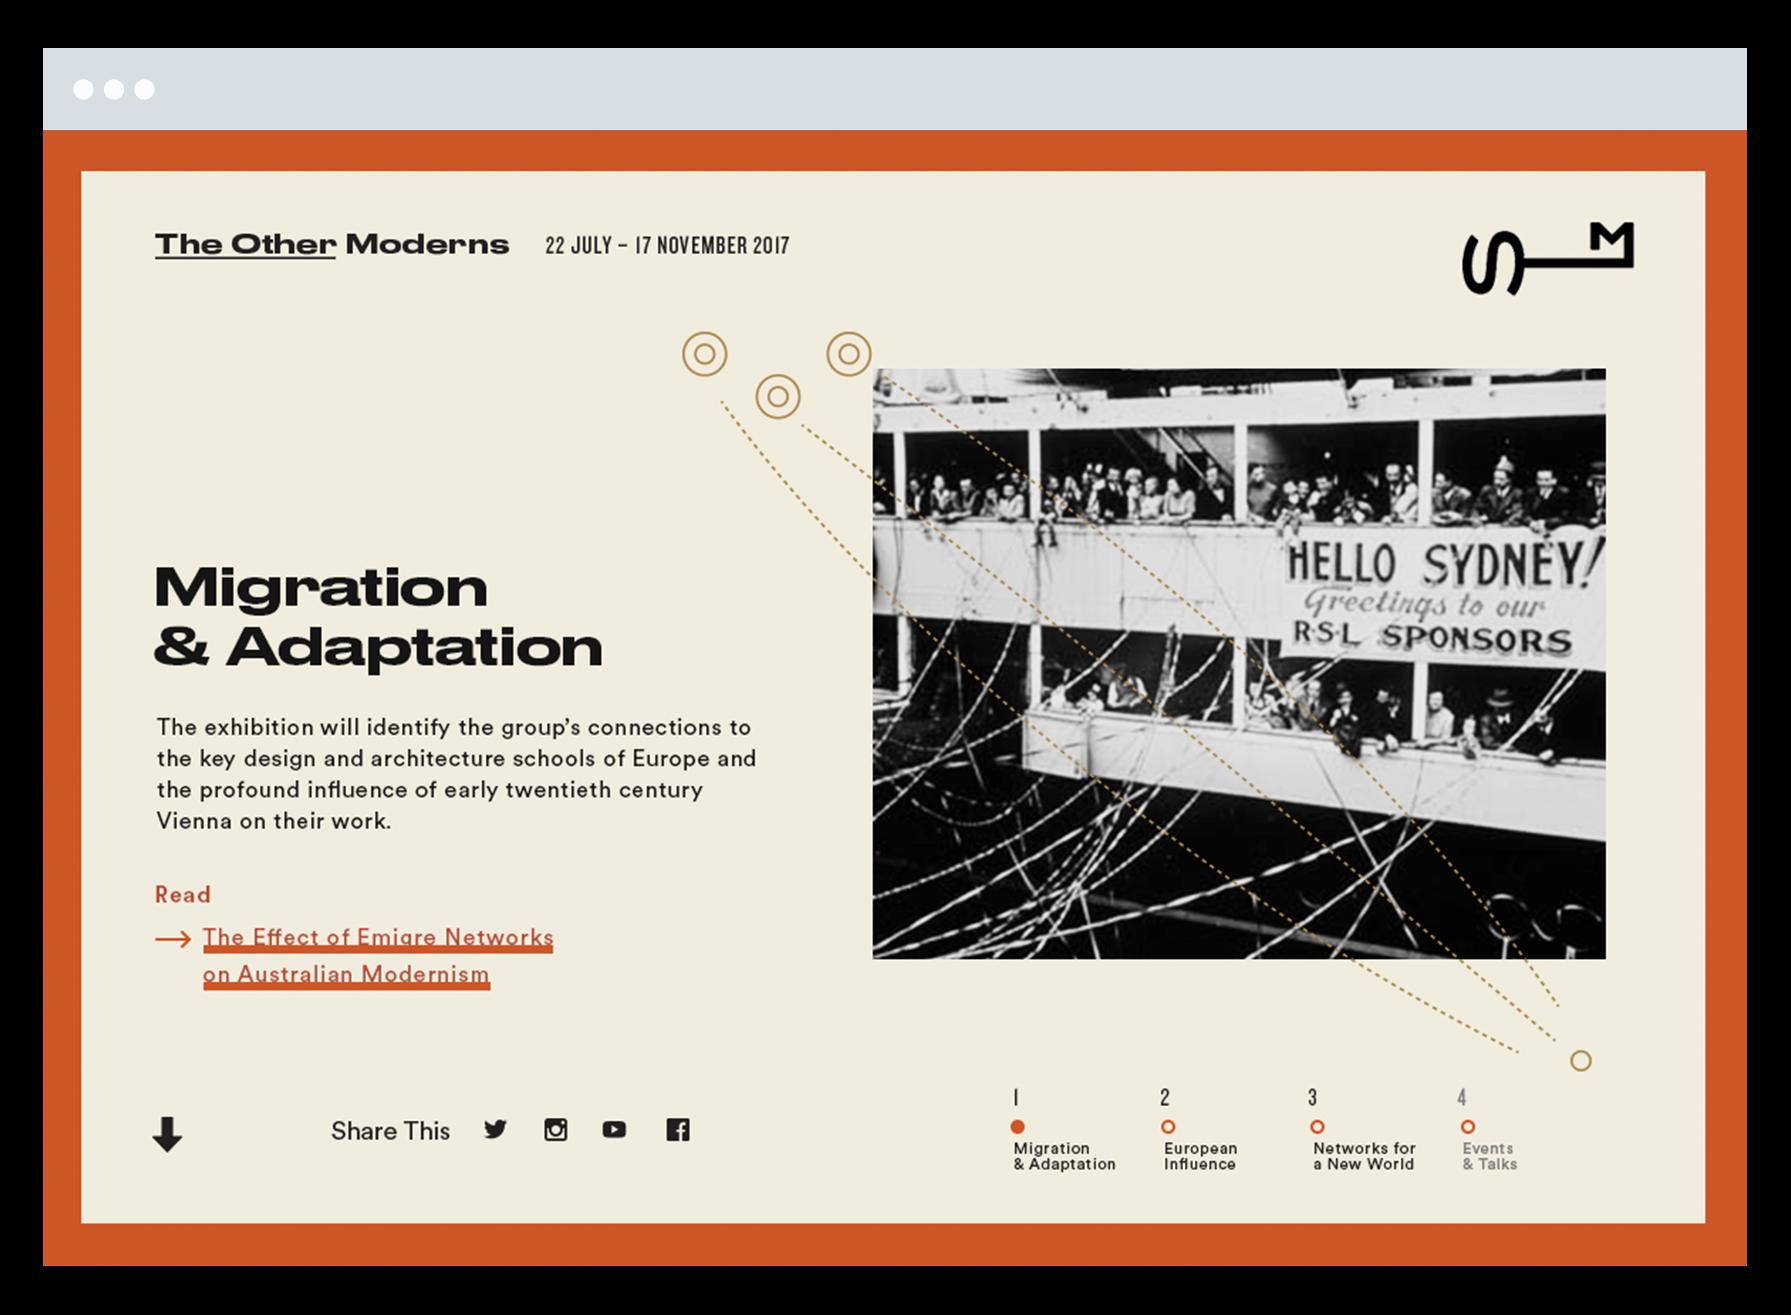 othermoderns-website-design-2